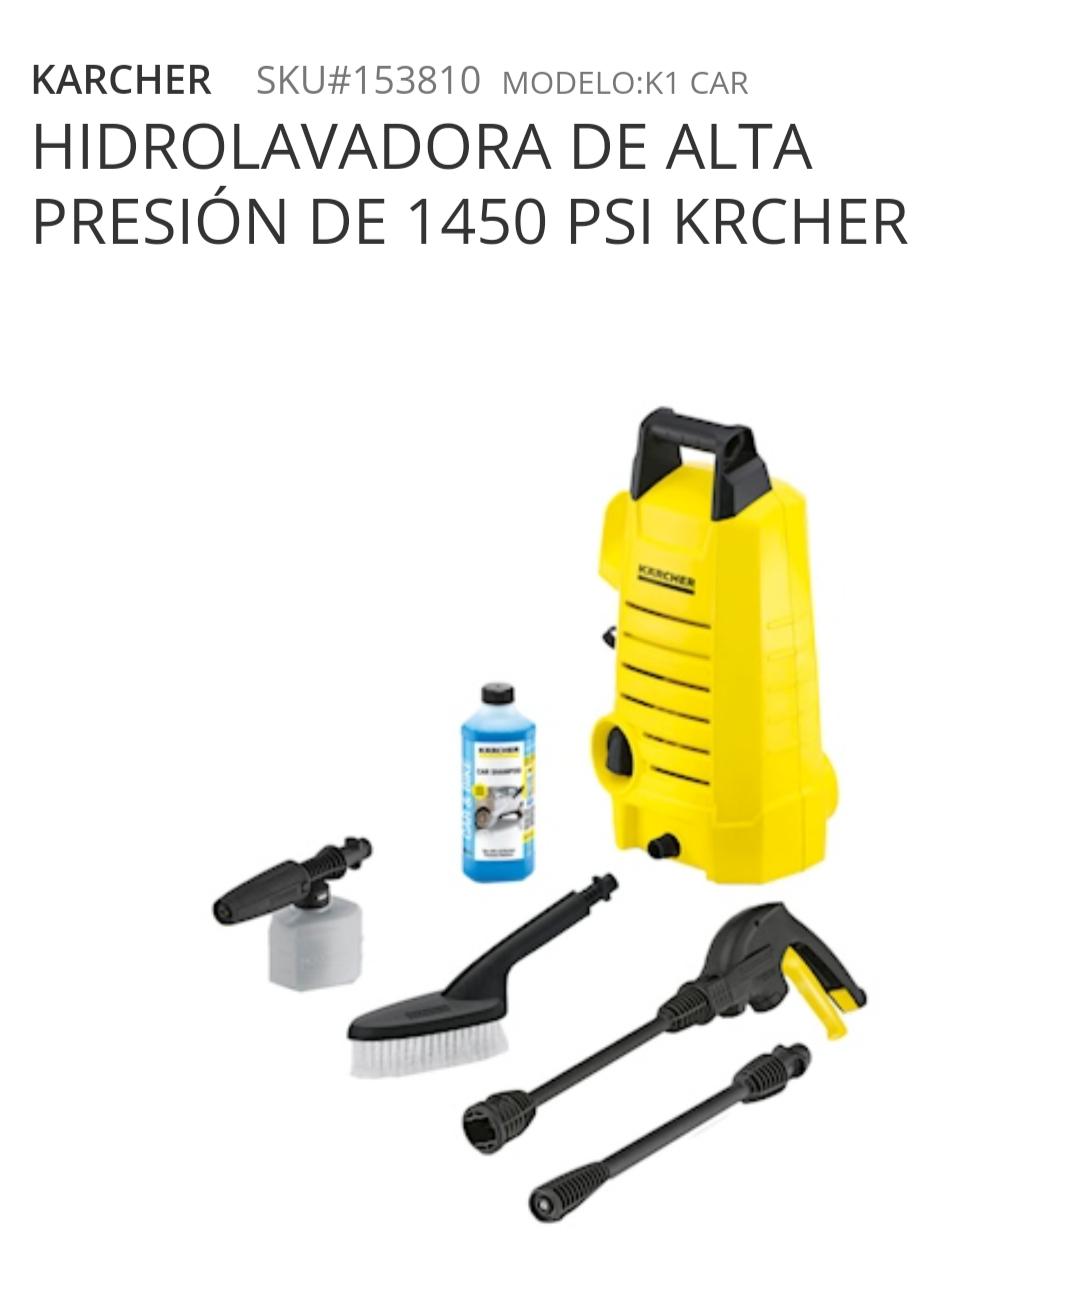 Home Depot: HIDROLAVADORA DE ALTA PRESIÓN DE 1450 PSI KRCHER